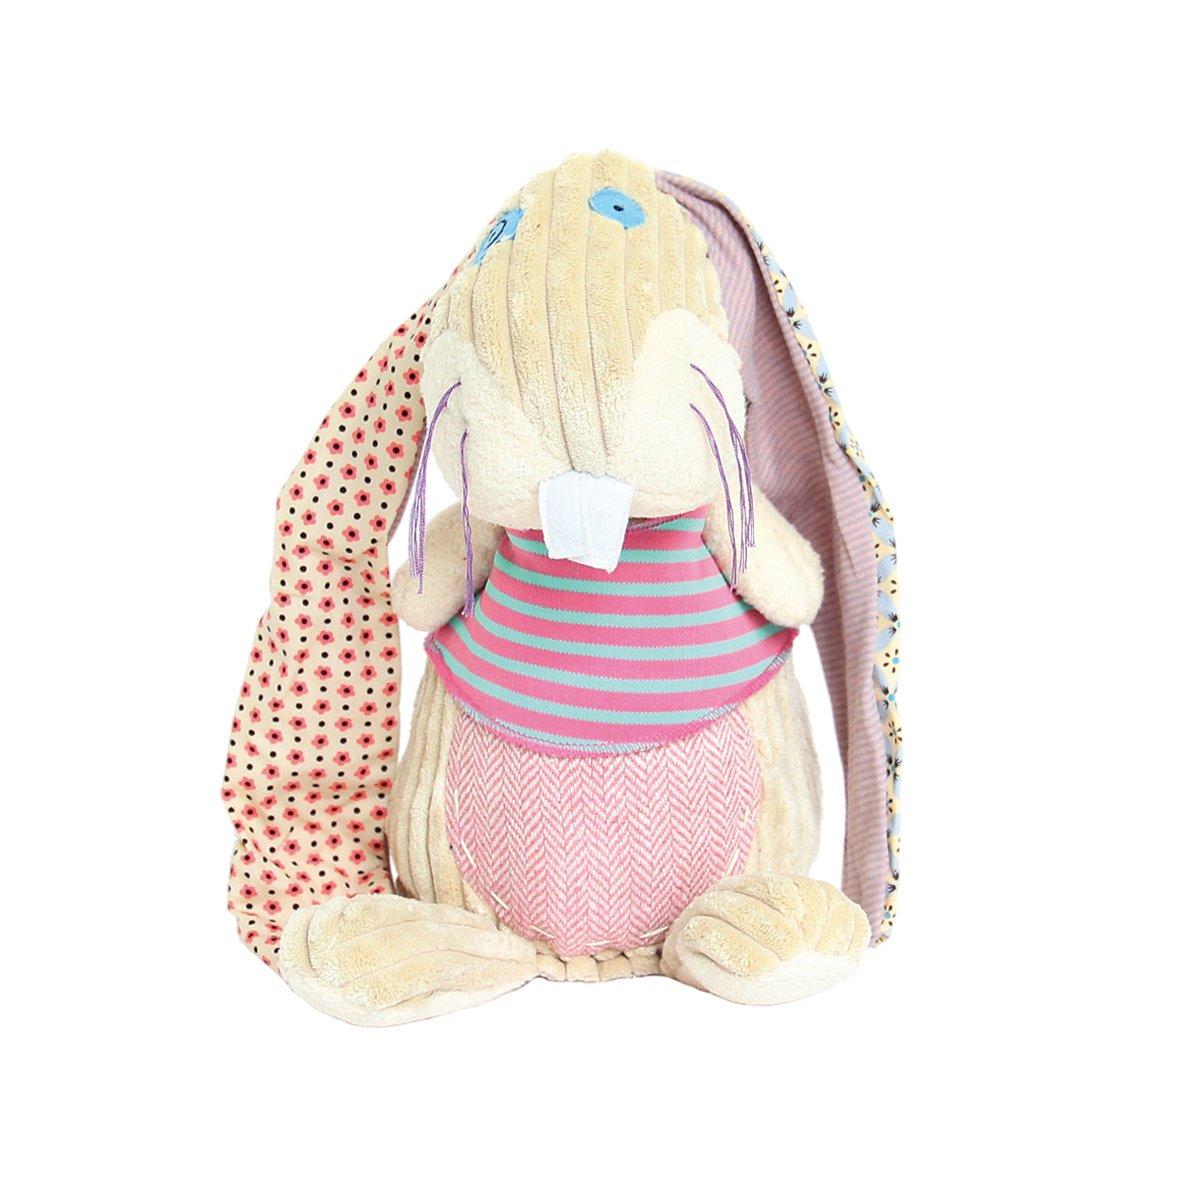 新しいコレクション Deglingos TYDL36508 オリジナルデグリンゴス ウサギのラピュノス Deglingos TYDL36508 B000WA3K1O B000WA3K1O, 光市:dd5973c7 --- arianechie.dominiotemporario.com